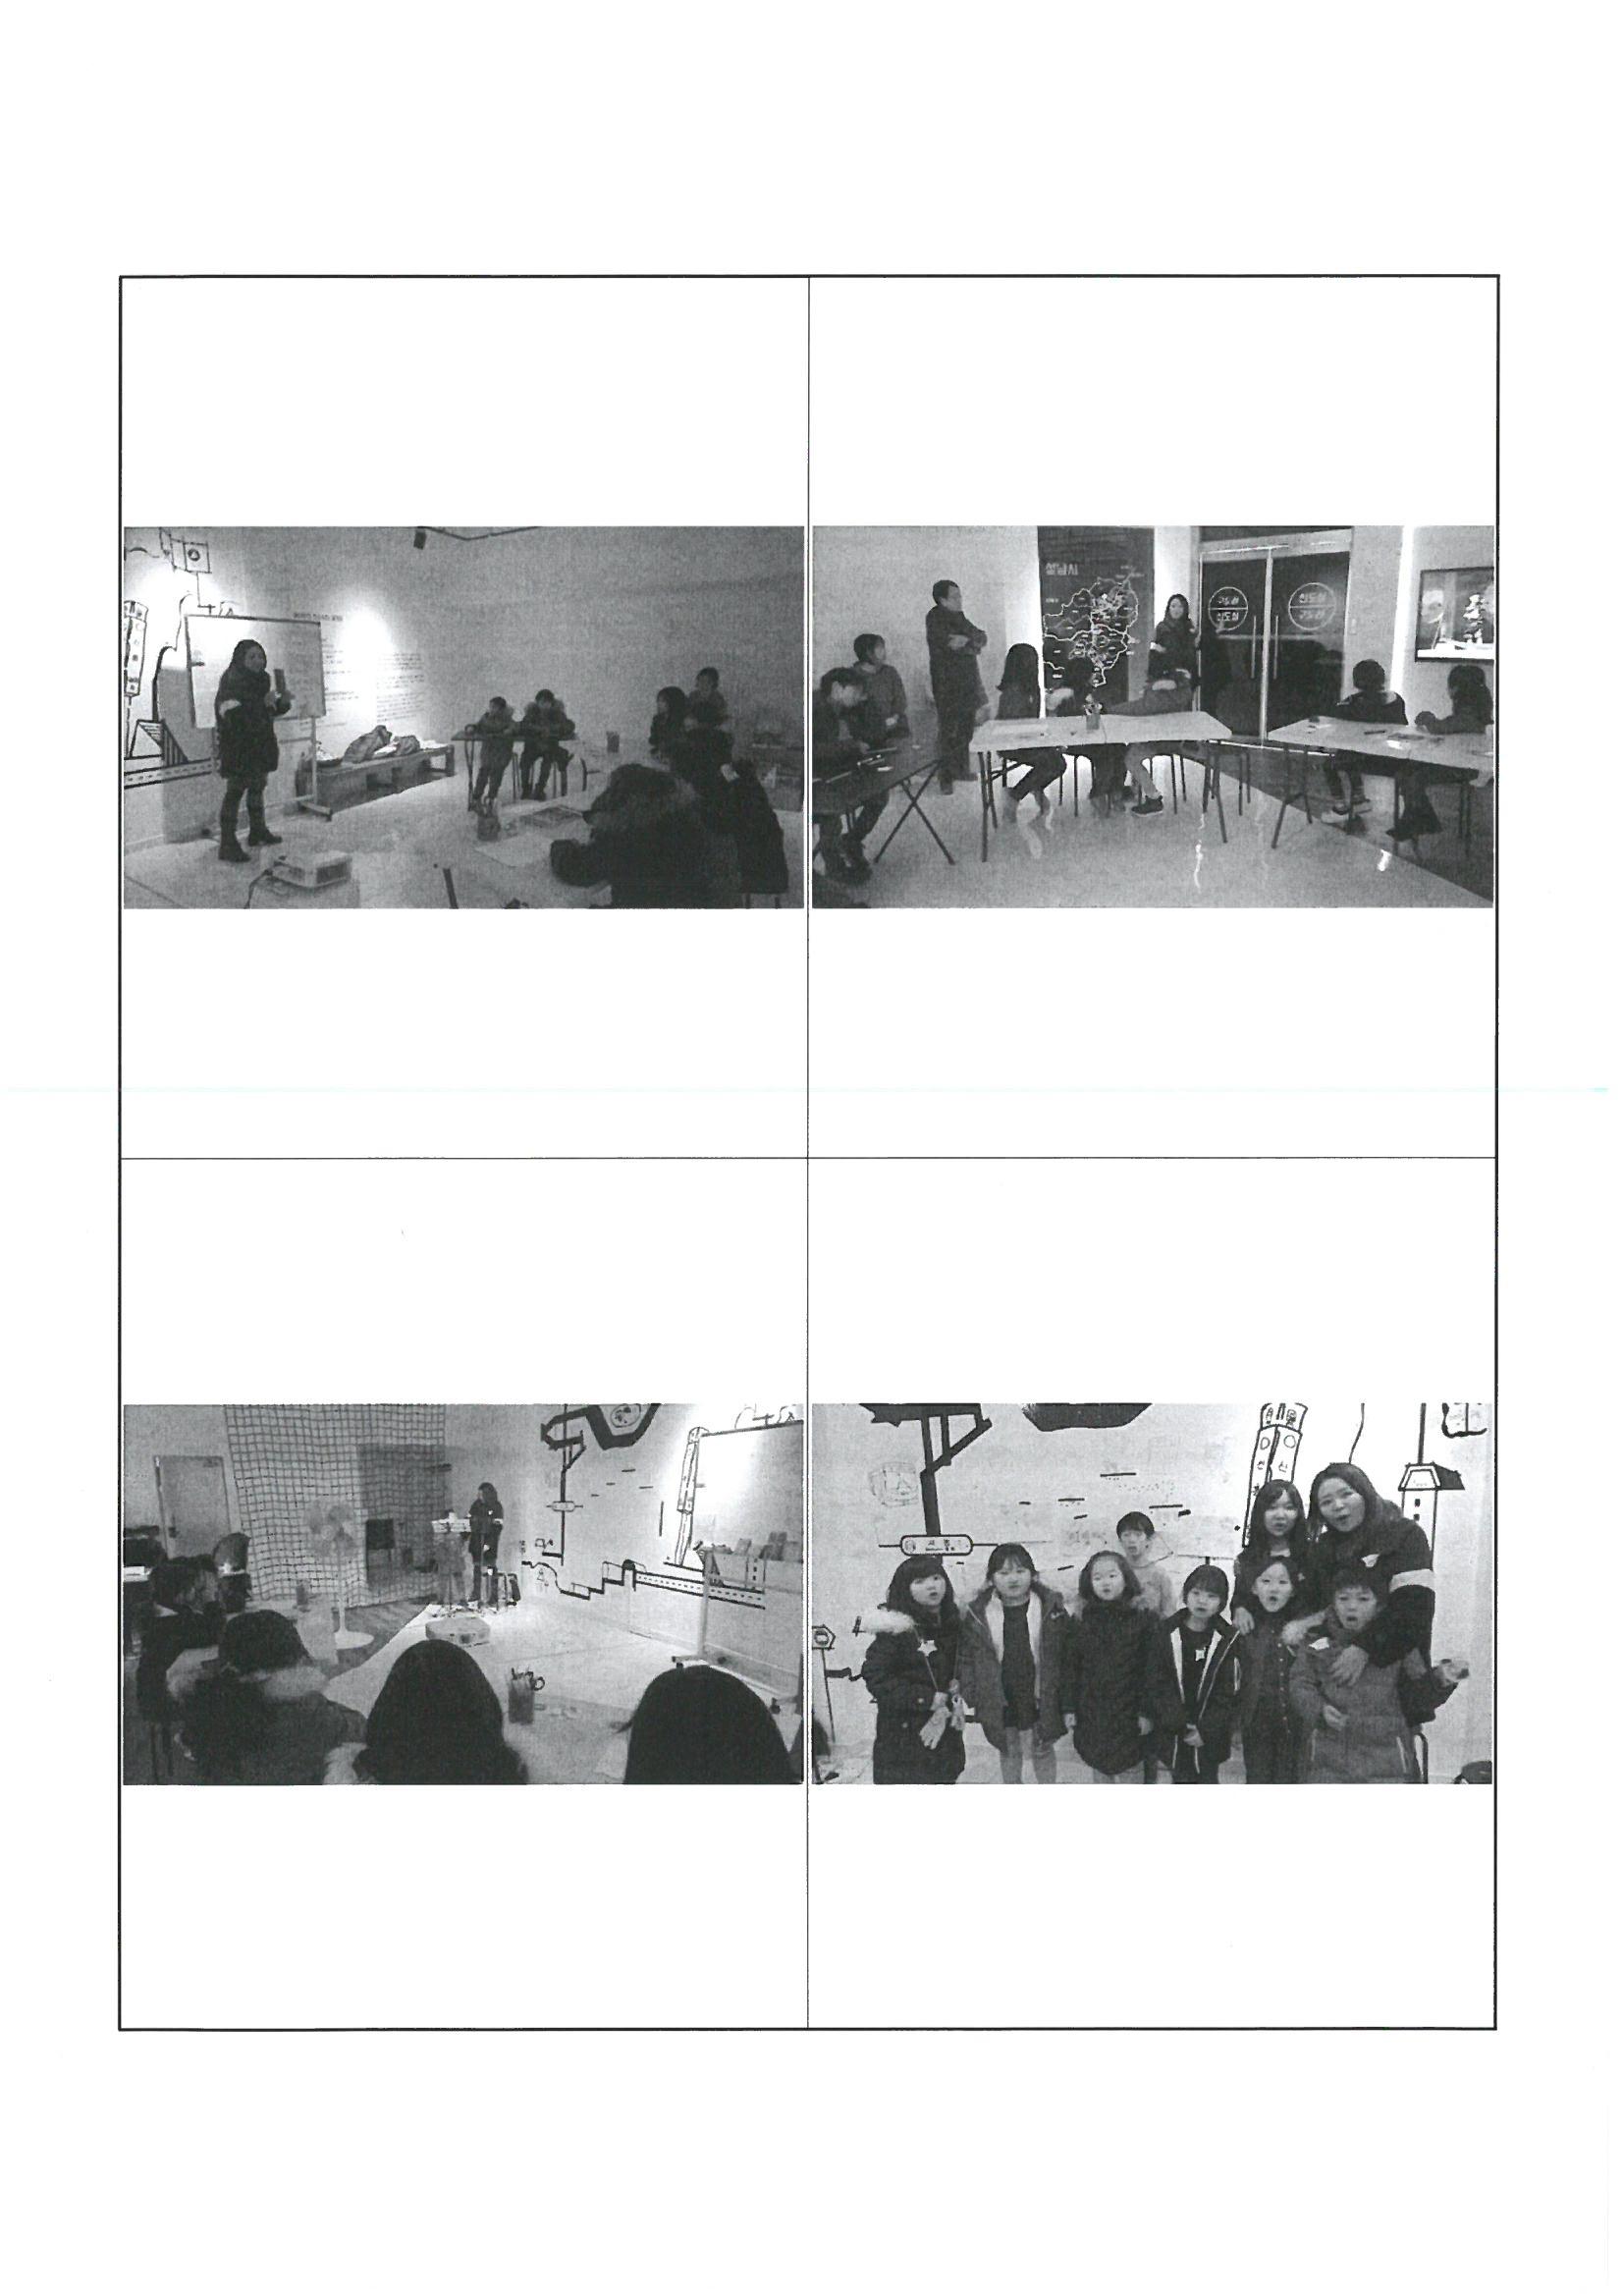 20180105_2017신흥동 진행경과_2017신흥동행사시진_페이지_21.jpg